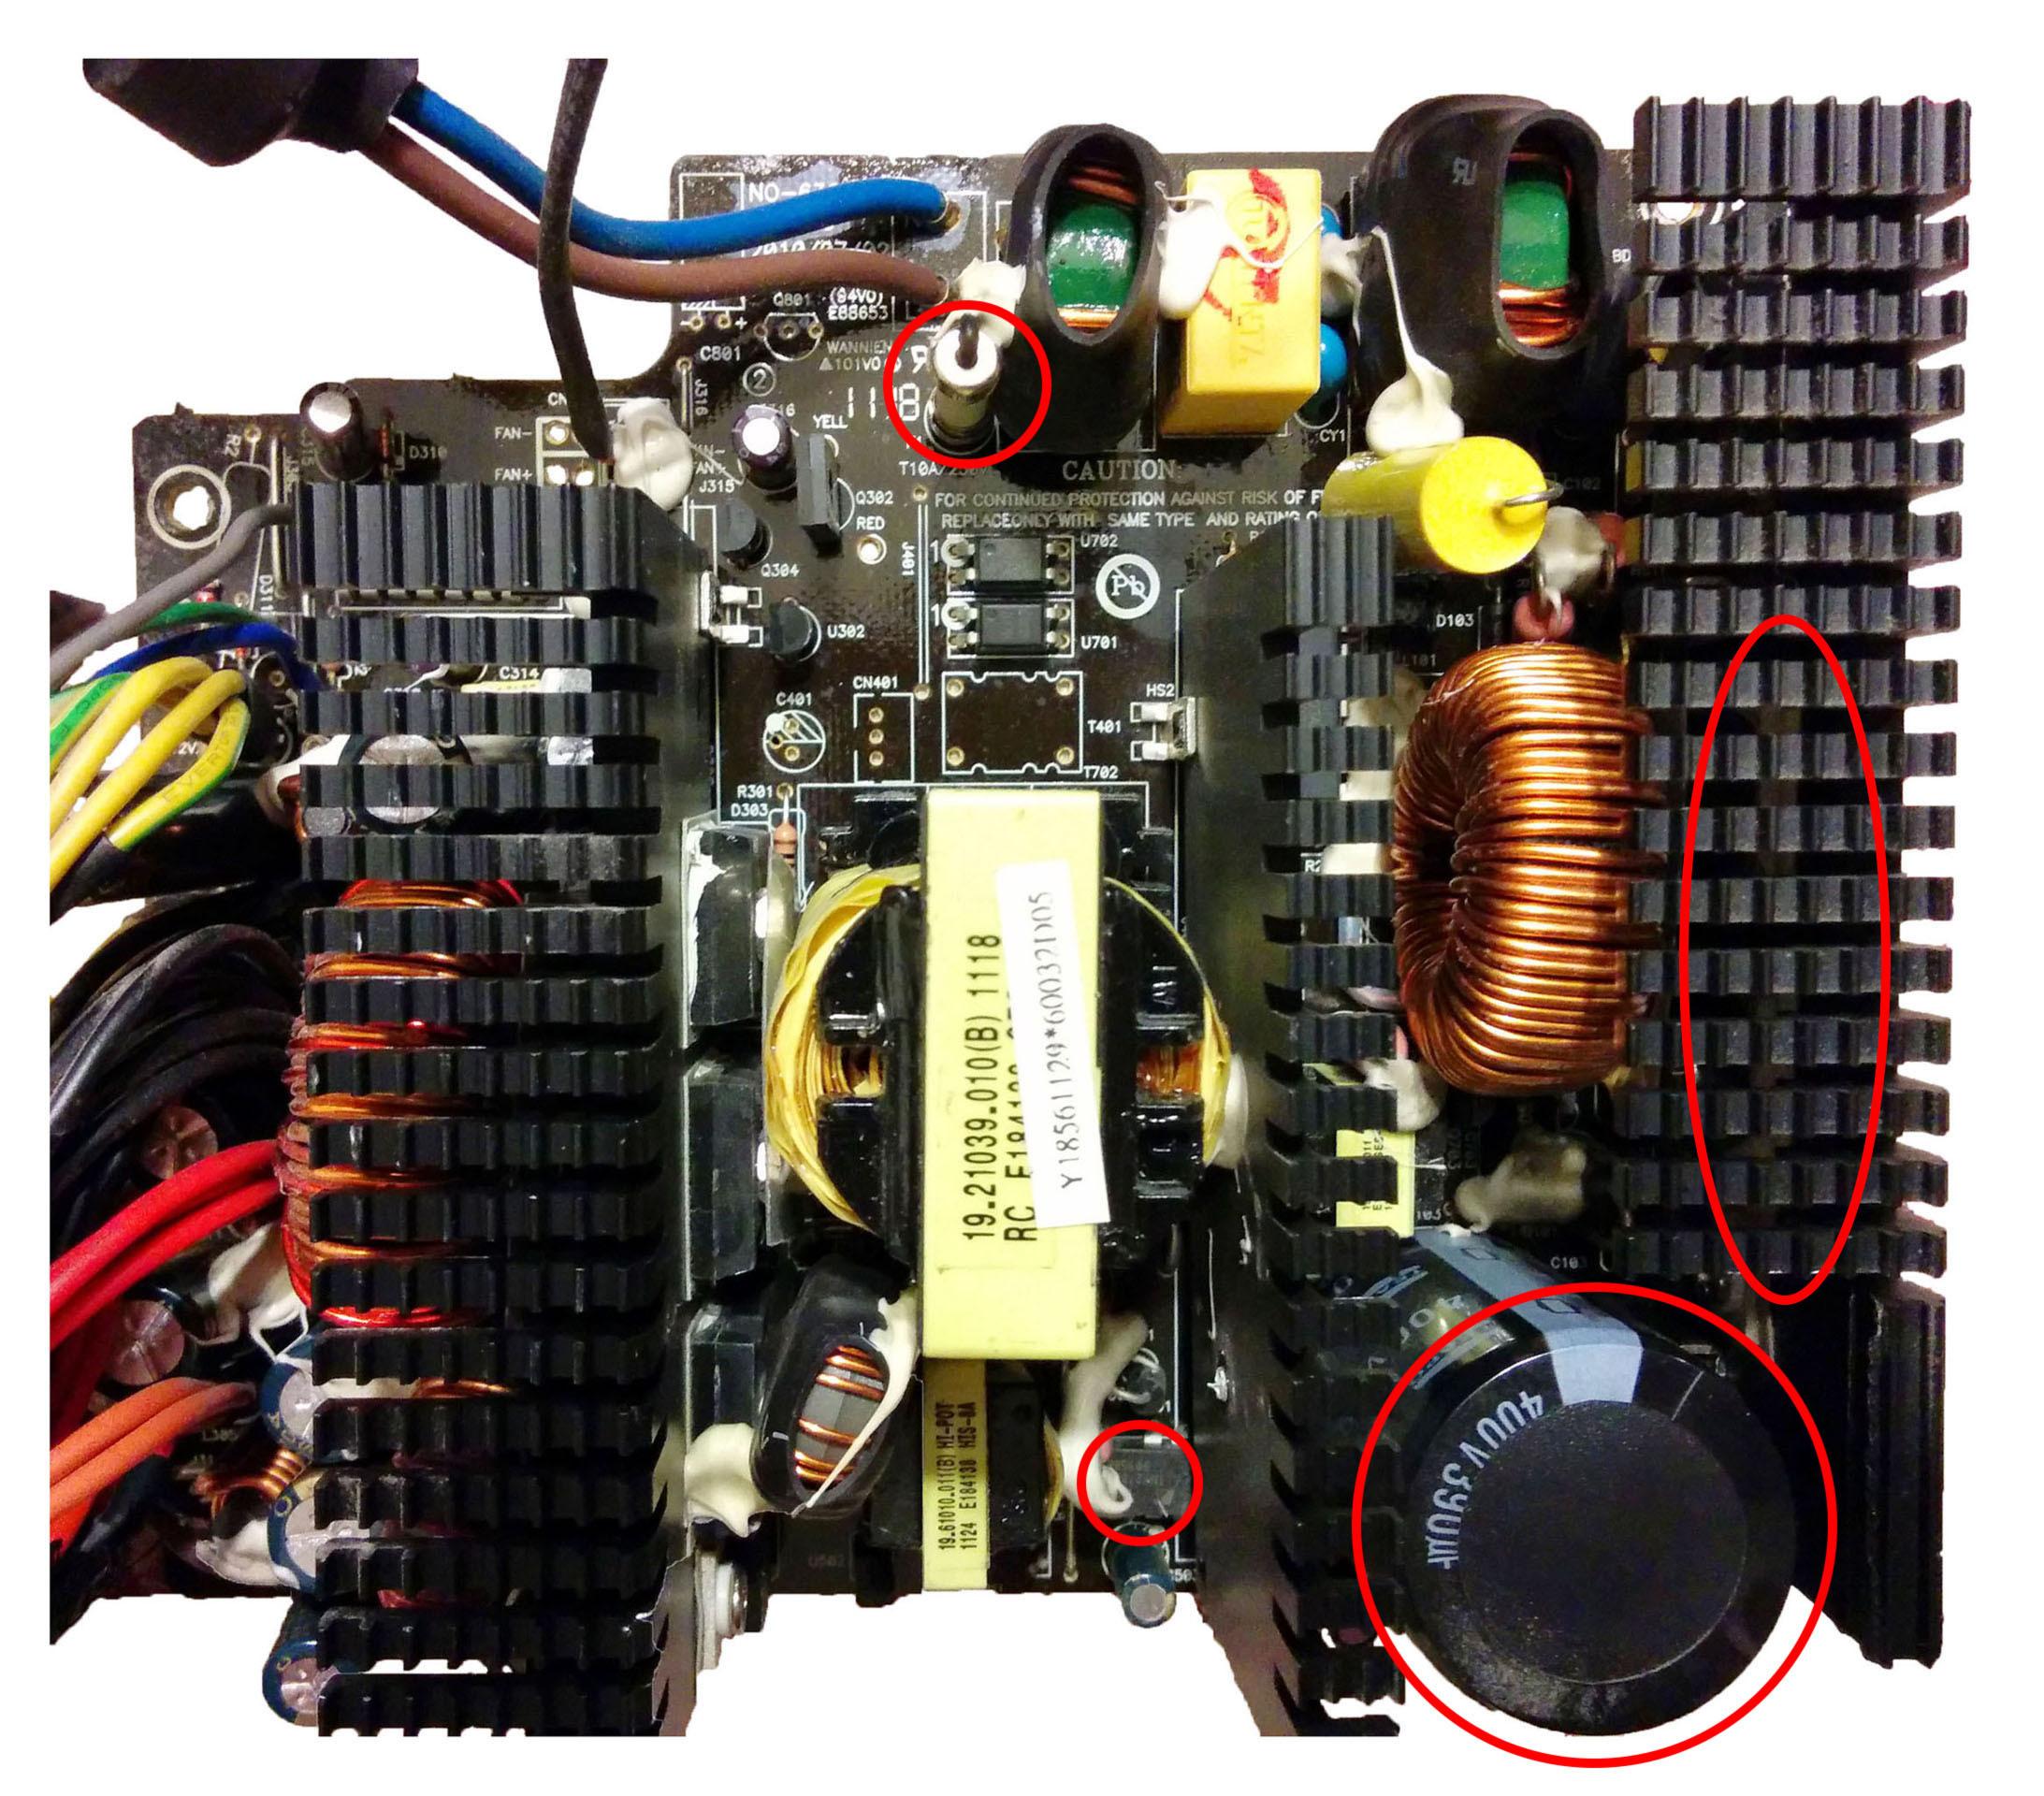 Computer power supply repair manual